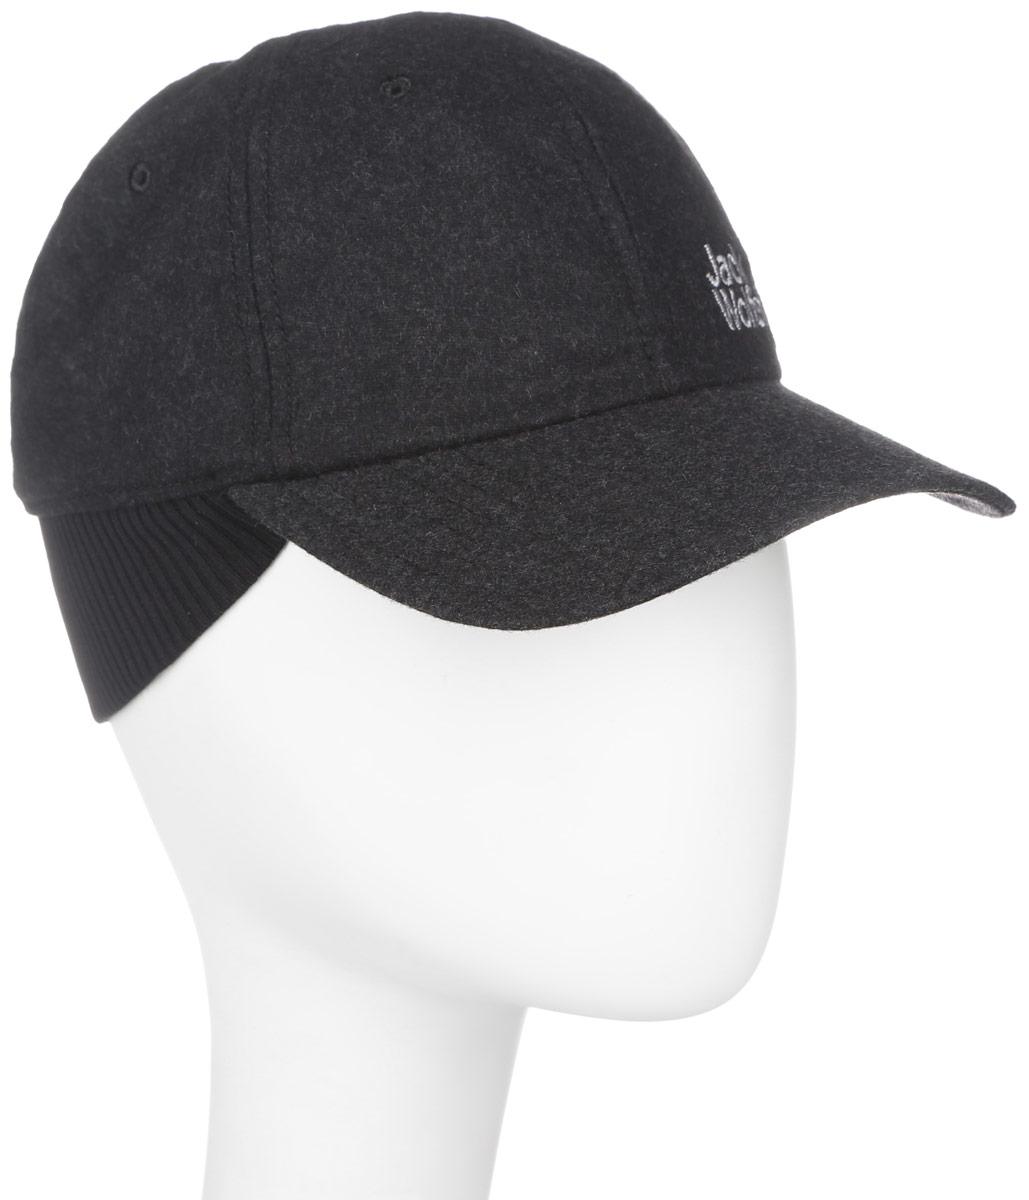 Бейсболка Jack Wolfskin Base Ear Cap, цвет: темно-серый. 1905251-6350. Размер 54/571905251-6350Прочная зимняя бейсболка Jack Wolfskin с защитным элементом для шеи. Прочность и функциональность для холодных дней: плотная и легко согревающая BASE EAR CAP из шерстяной фланели.Для дополнительной защиты от холода шапка дополнена подкладкой из мягкого микрофлиса. Раскладной защитный элемент для шеи защищает от сквозняка и холодного ветра. Модель оформлена логотипом бренда. Зимняя бейсболка не только теплый головной убор, но и изящный аксессуар. Она подчеркнет ваш стиль и индивидуальность!